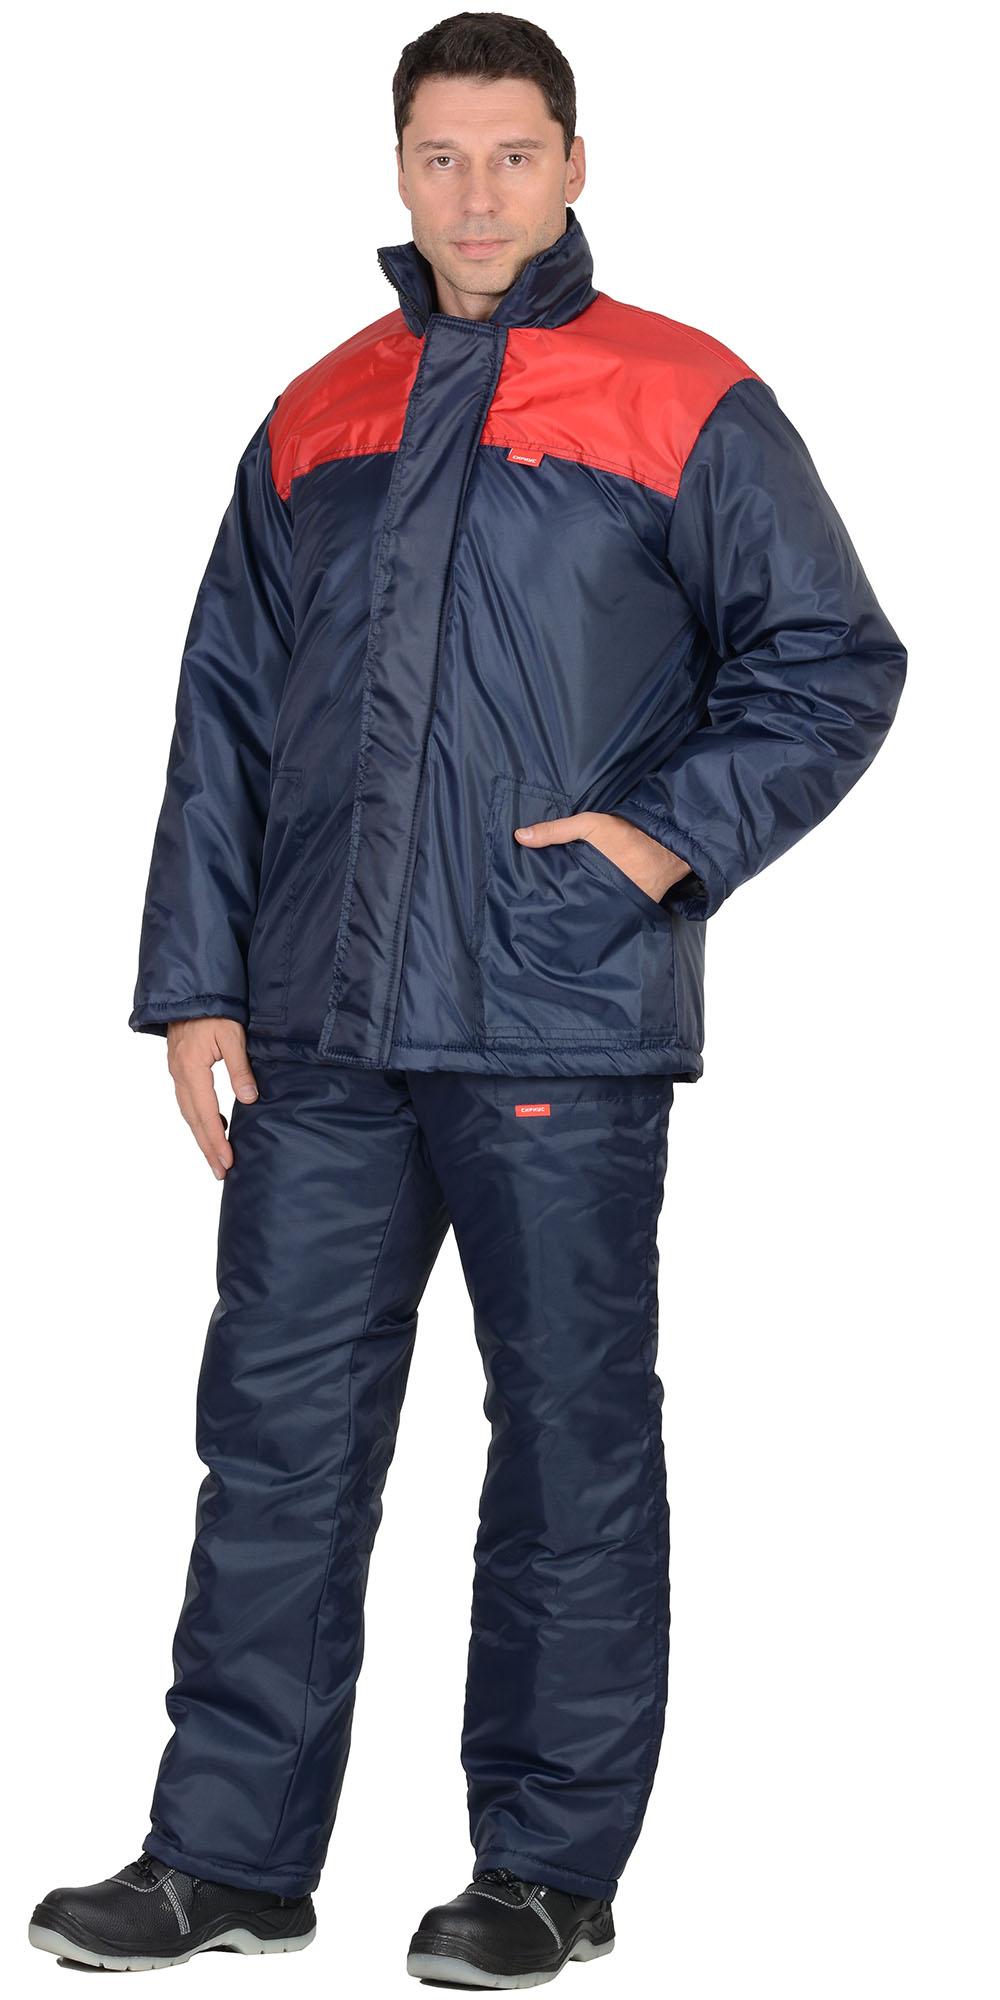 """Костюм """"Рост"""" куртка синяя с красным, брюки темно-синие"""